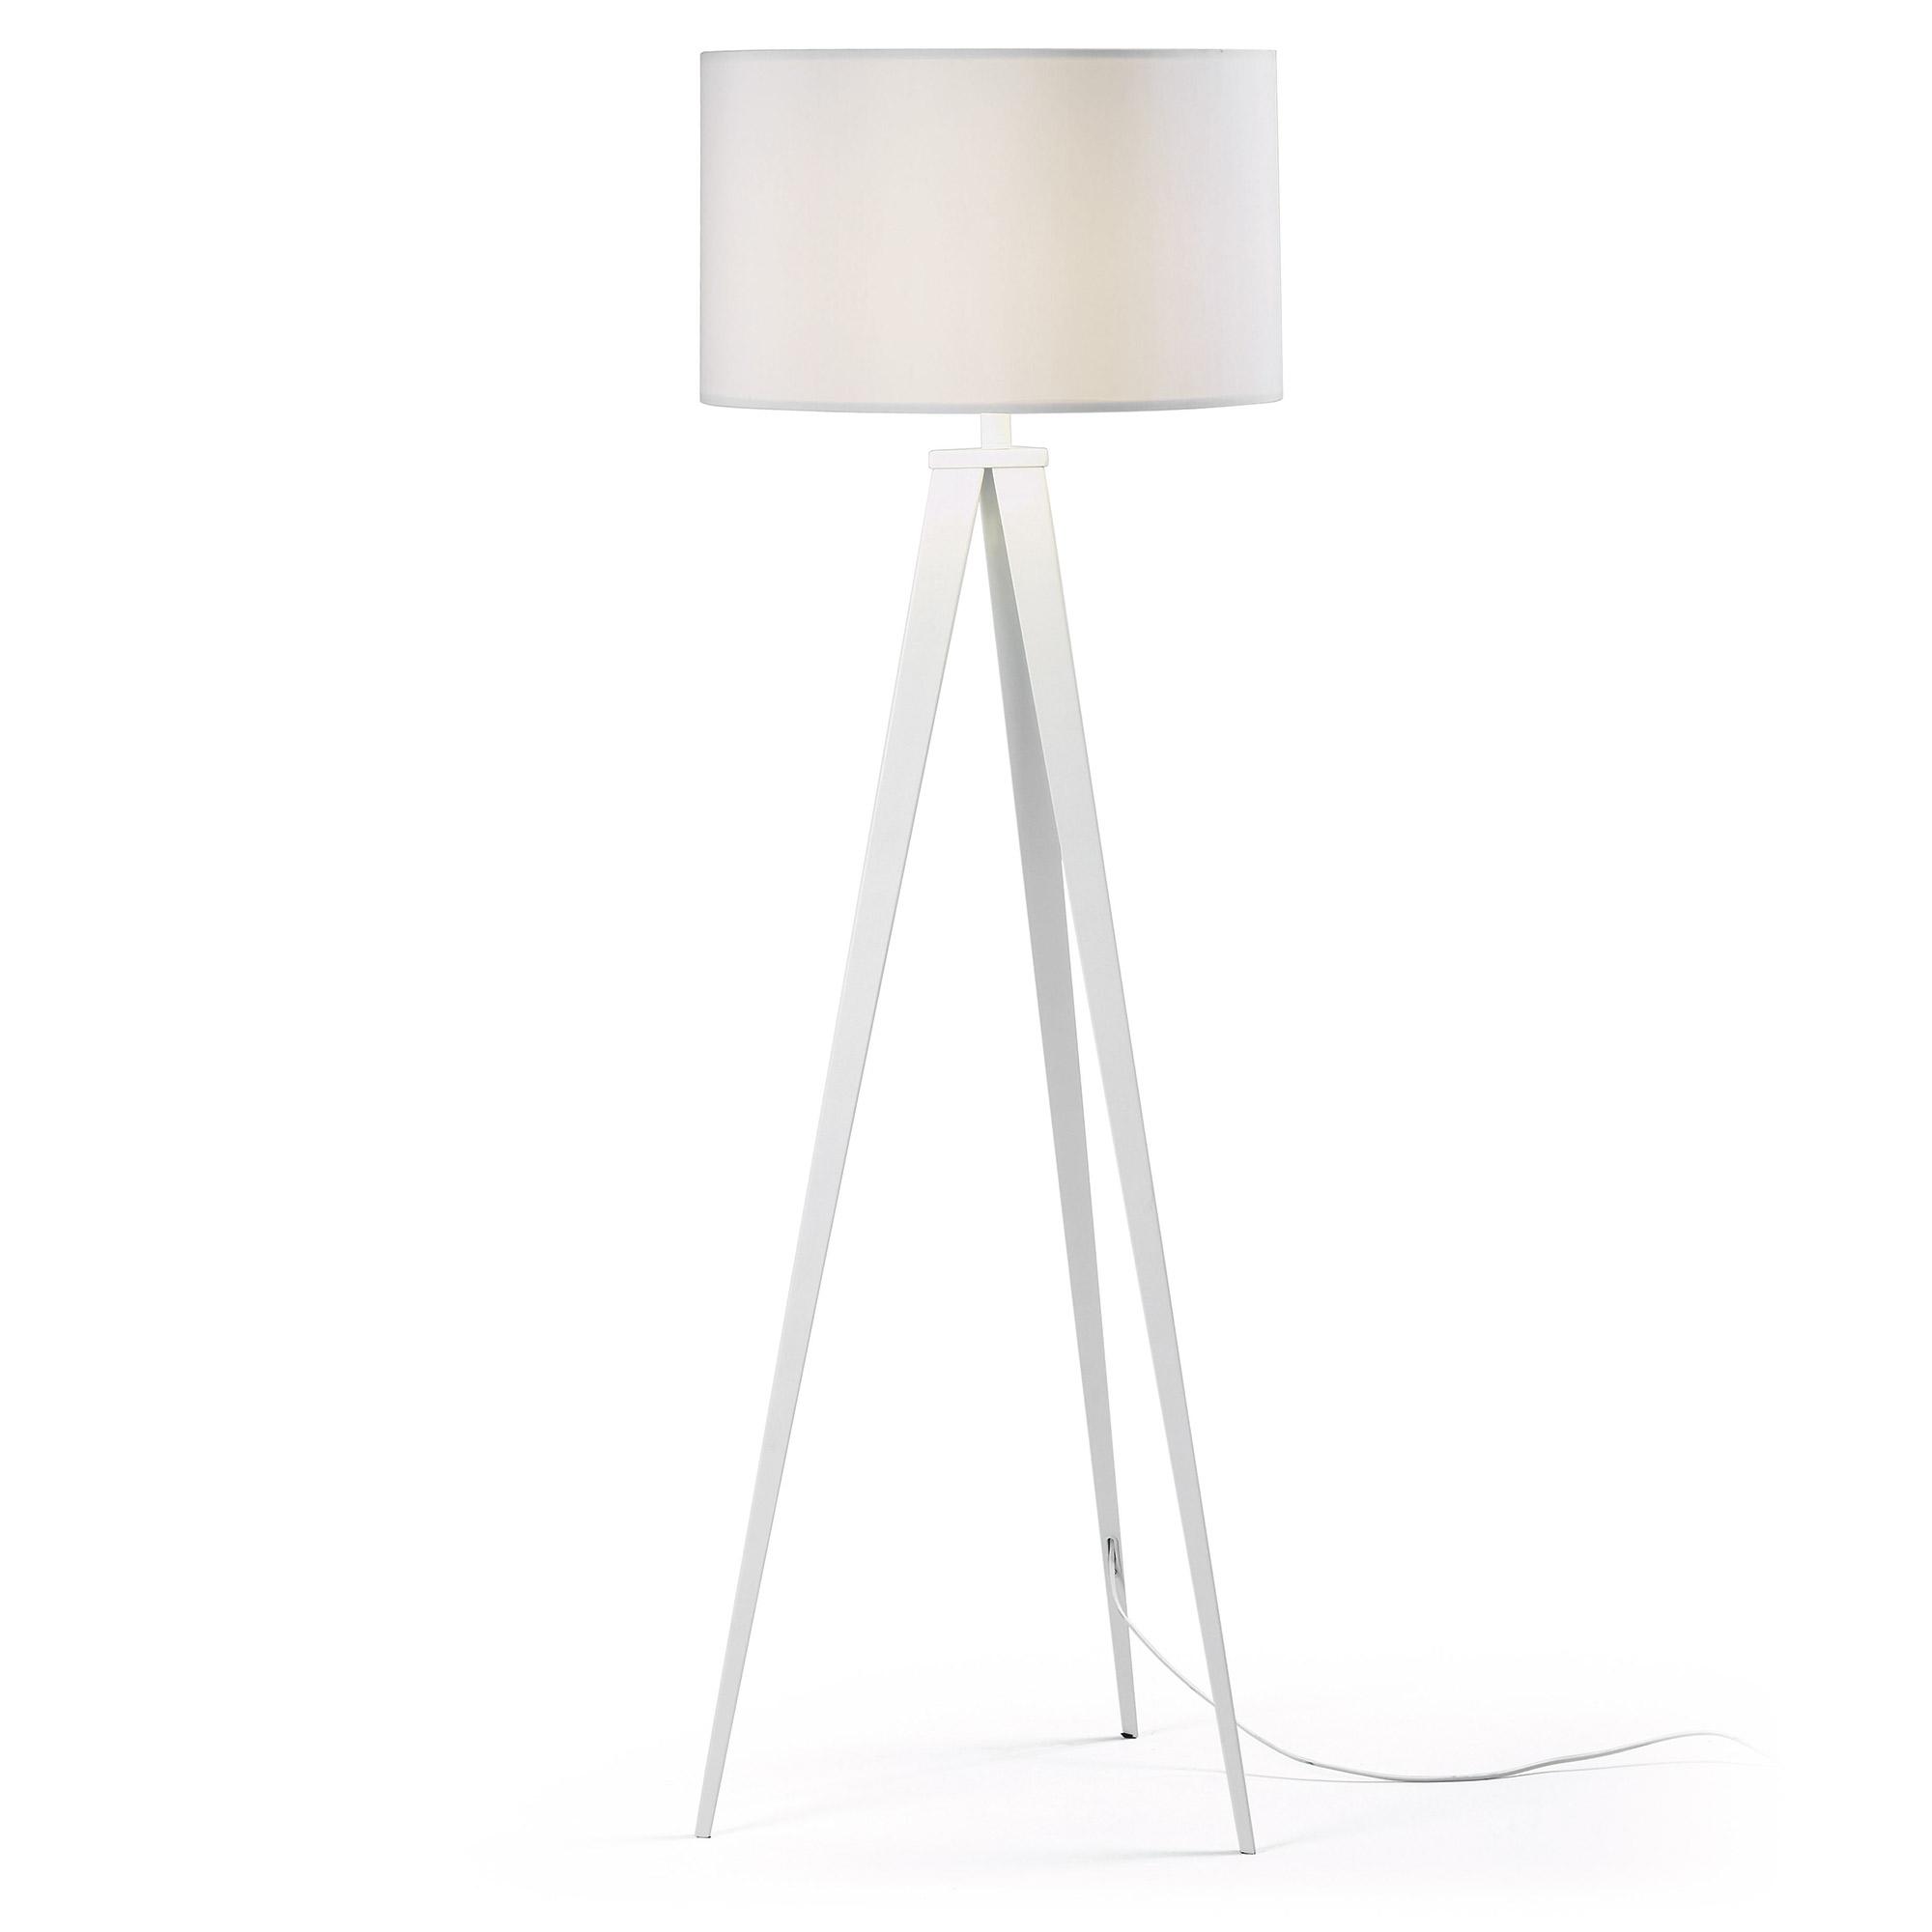 laforma – Laforma uzagi gulvlampe - hvid metal/stof på boboonline.dk